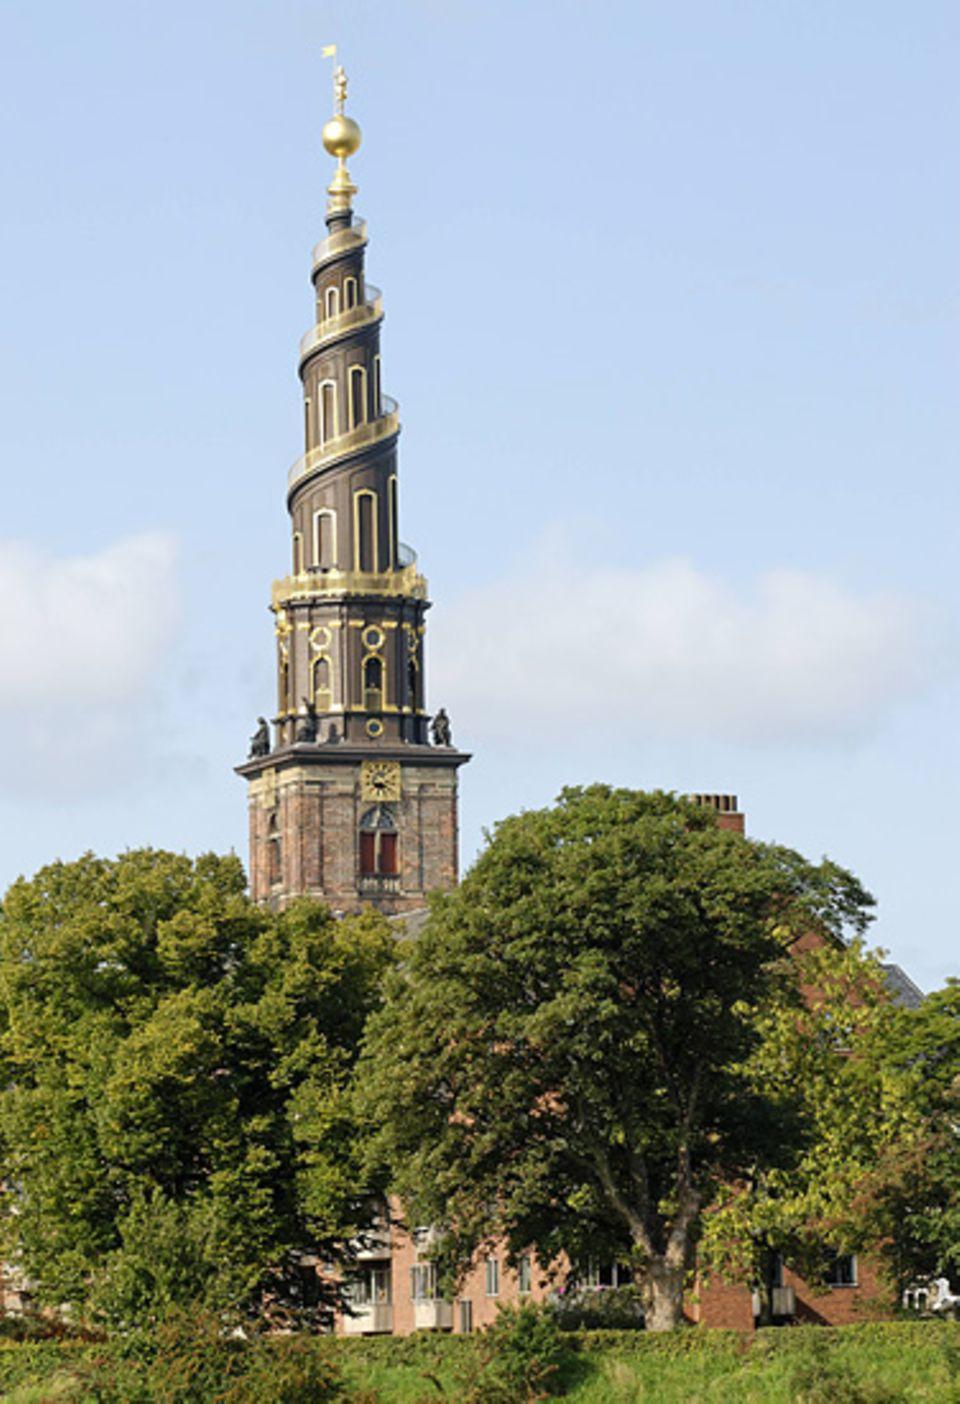 """Reise-Experiment: Wer sich auf dem Turm der """"Frelsers Kirke"""" auch noch die äußere Wendeltreppe hochtraut, wird mit einem grandiosen Blick über die Stadt belohnt"""